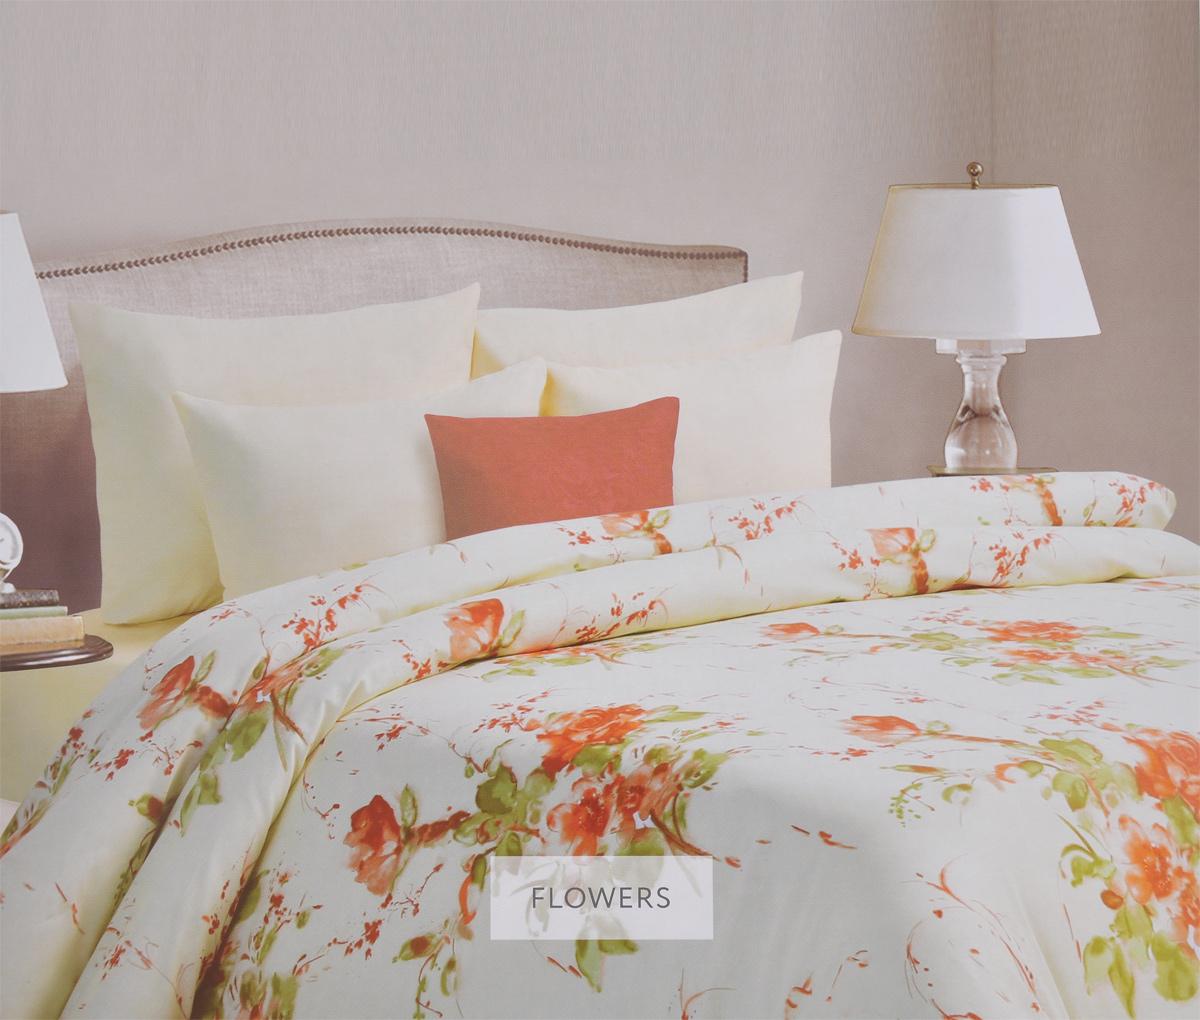 Комплект белья Mona Liza Flowers, 1,5-спальный, наволочки 70х70, цвет: светло-зеленый. 561114/6561114/6Комплект белья Mona Liza Flowers, выполненный из батиста (100% хлопок), состоит из пододеяльника, простыни и двух наволочек. Изделия оформлены красивым цветочным рисунком. Батист - тонкая, легкая, полупрозрачная натуральная ткань полотняного переплетения натуральных или химических волокон. Батист, несомненно, является одной из самых аристократичных и совершенных тканей. Он отличается нежностью, трепетной утонченностью и изысканностью. Ткань с незначительной сминаемостью, хорошо сохраняющая цвет при стирке, легкая, с прекрасными гигиеническими показателями. В комплект входит: Пододеяльник - 1 шт. Размер: 145 см х 210 см. Простыня - 1 шт. Размер: 150 см х 215 см. Наволочка - 2 шт. Размер: 70 см х 70 см. Рекомендации по уходу: - Ручная и машинная стирка 40°С, - Гладить при температуре не более 150°С, - Не использовать хлорсодержащие средства, - Щадящая сушка, - Не подвергать химчистке.